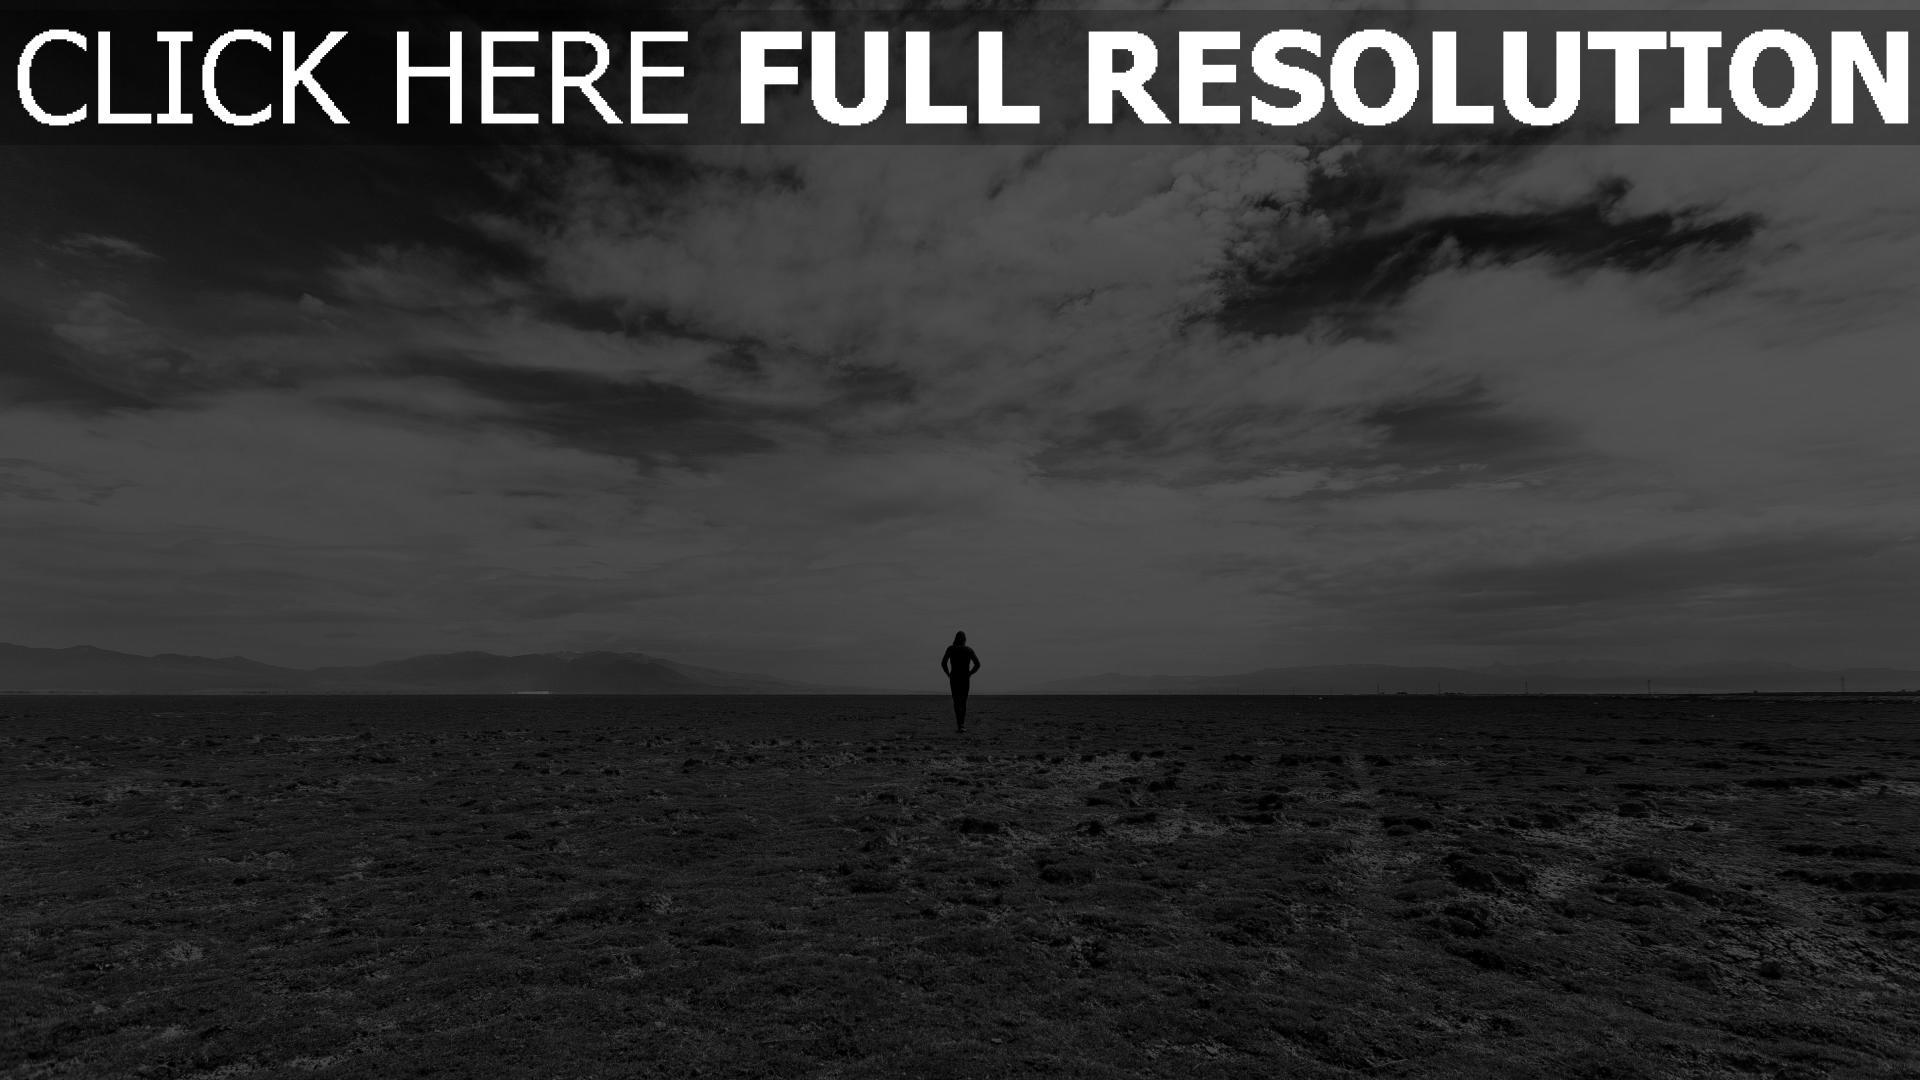 hd hintergrundbilder feld mann himmel schwarz-weiß 1920x1080